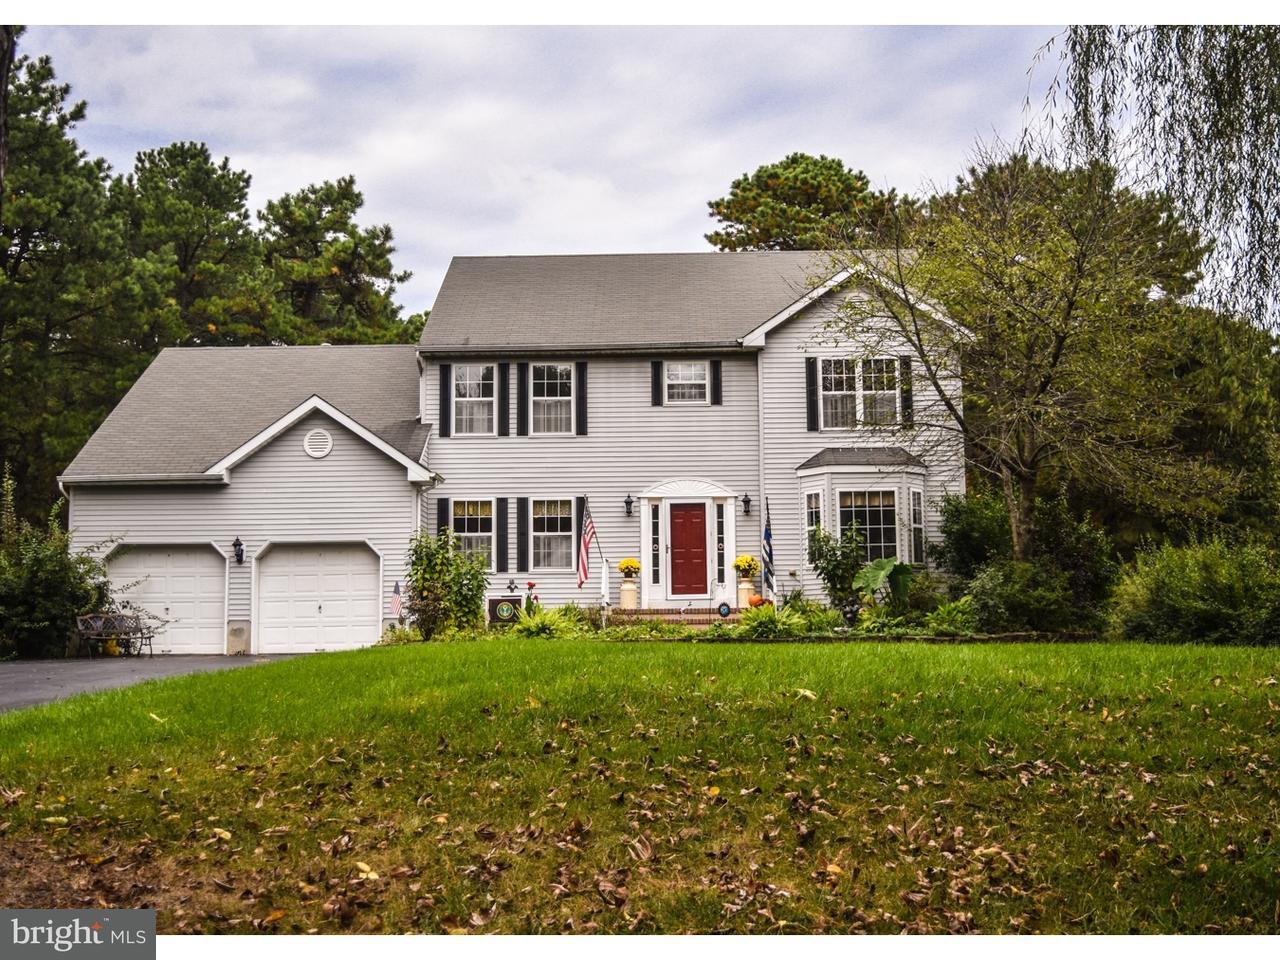 Maison unifamiliale pour l Vente à 7 MARYBETH Court Jackson Township, New Jersey 08527 États-Unis